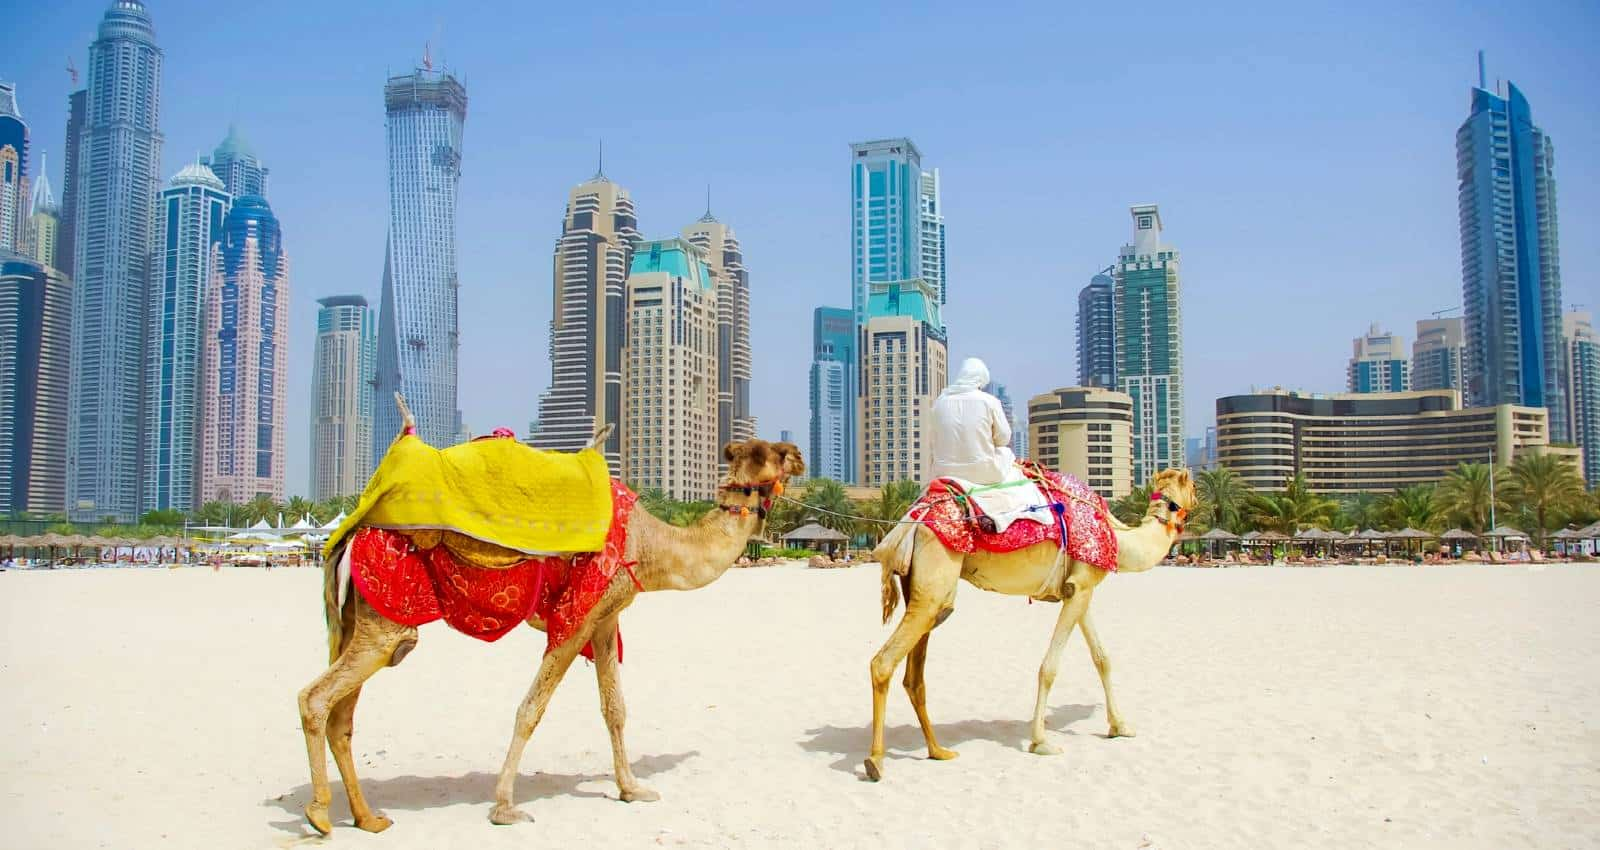 visto vivere lavorare remoto smart working Dubai